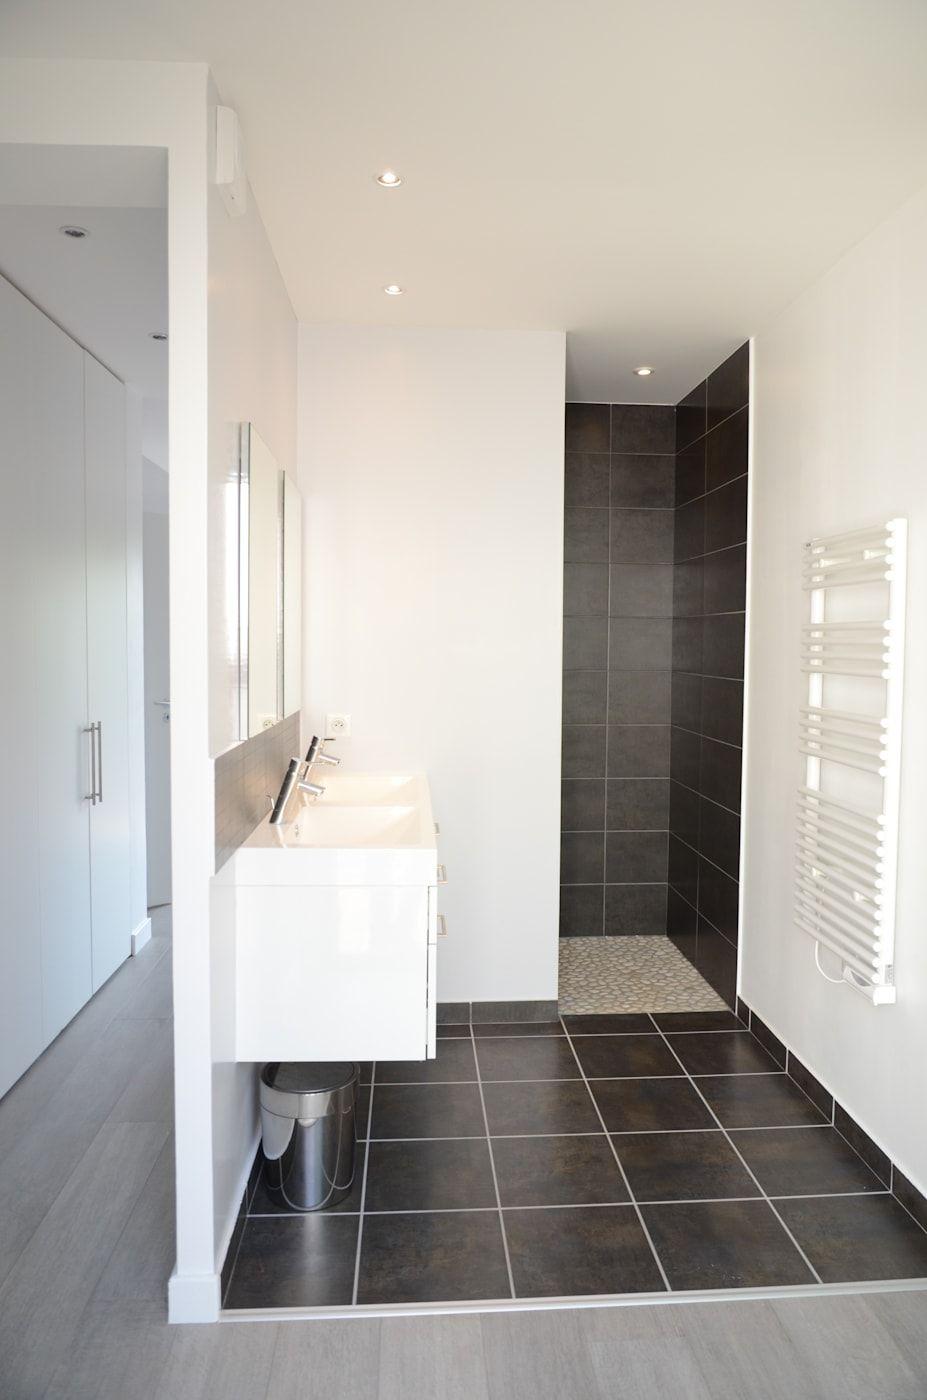 Toilette Blanc Et Gris salle de bain moderne gris anthracite et blanc salle de bain